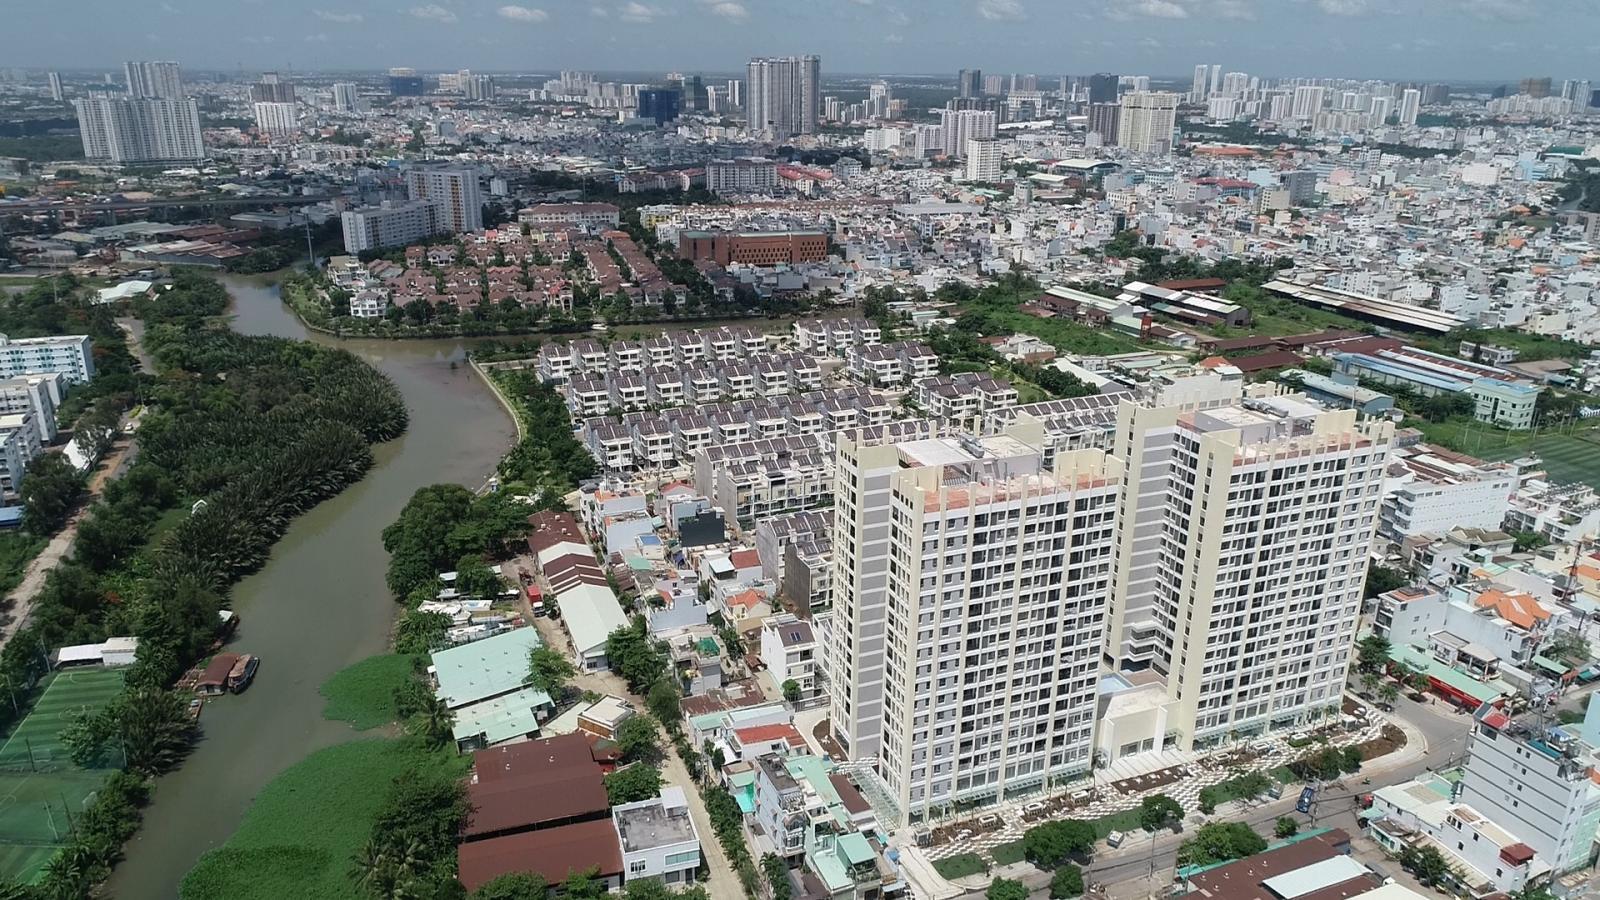 Bất động sản ven sông có tỷ lệ bán chênh cao nhất thị trường